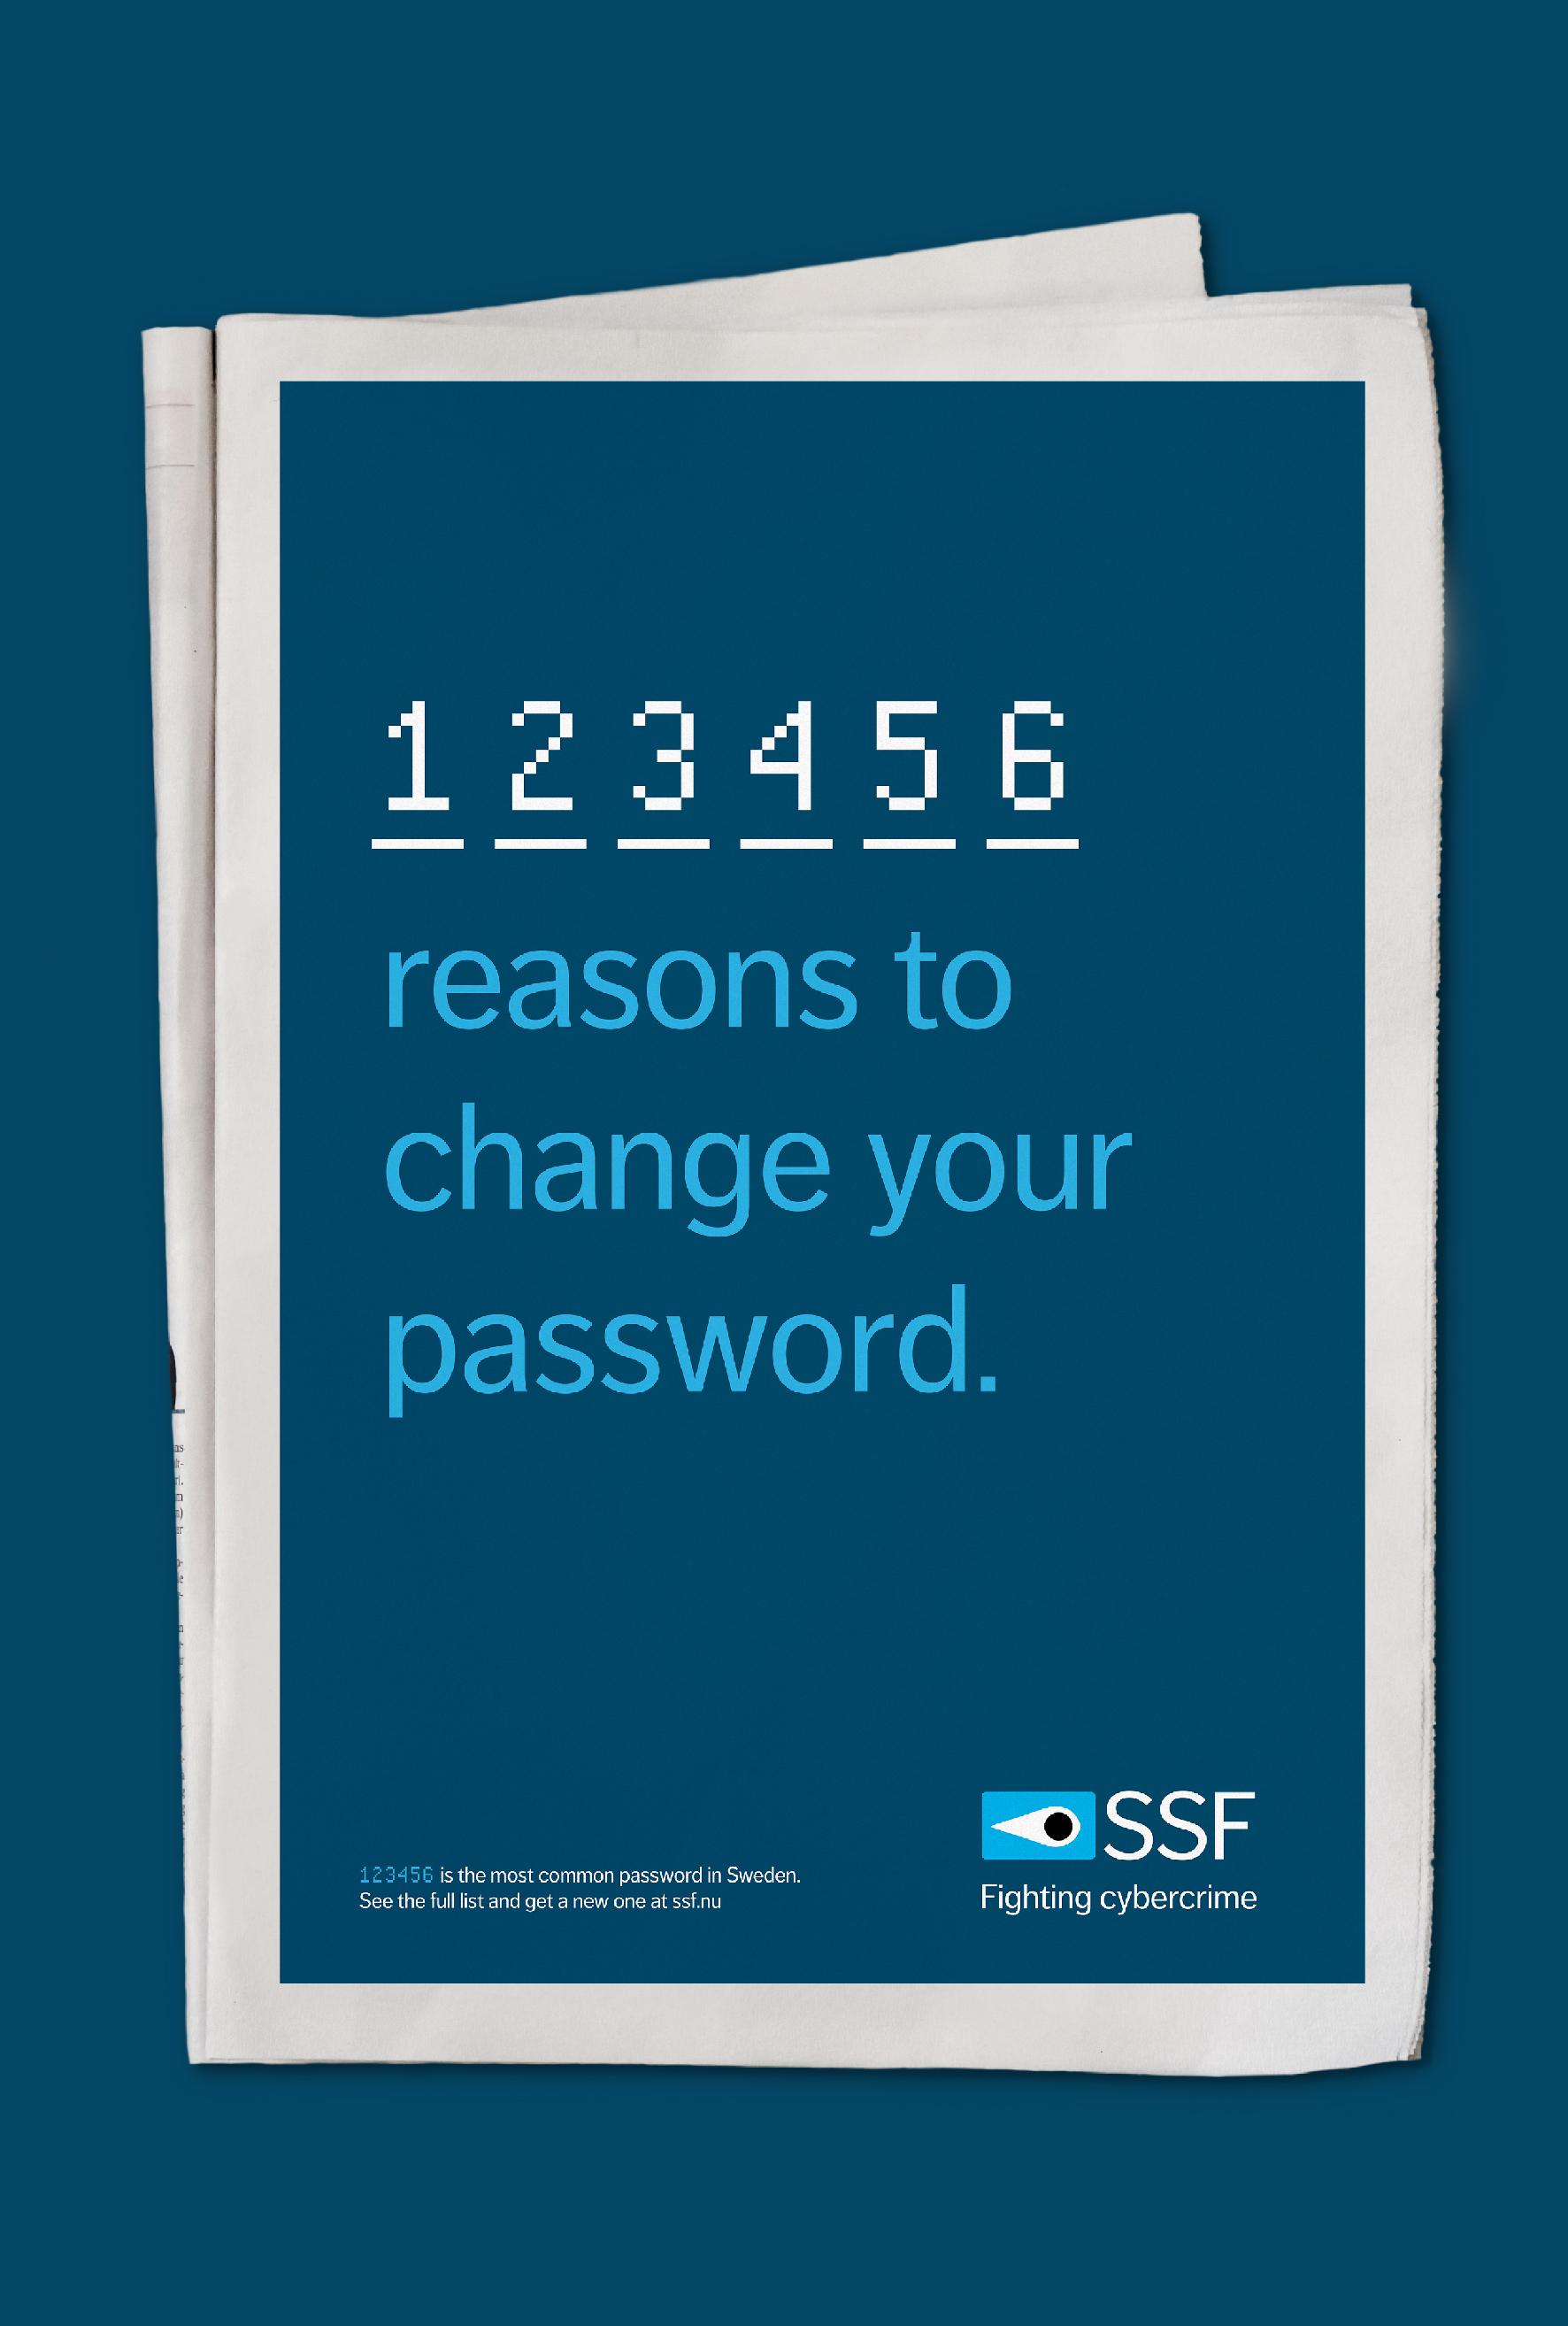 ssf 123456